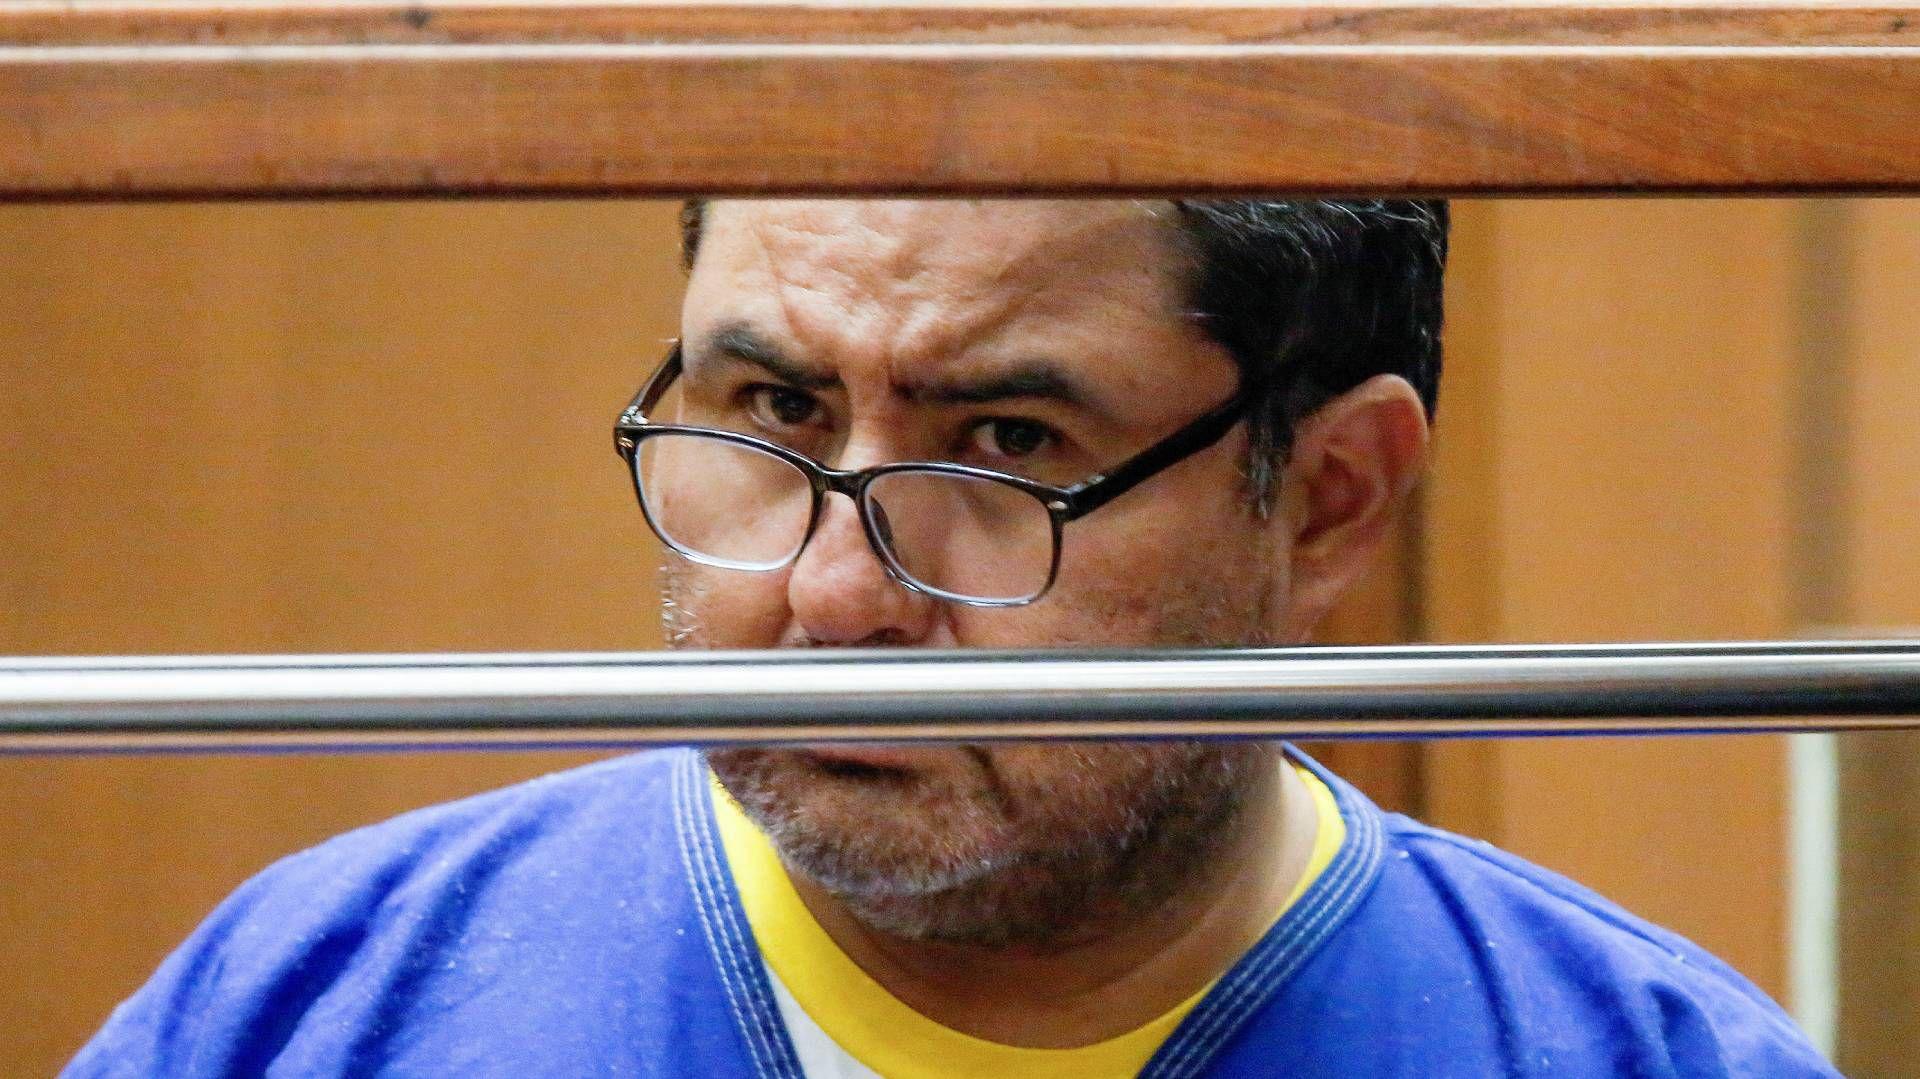 El 21 de noviembre habrá una nueva audiencia relacionada con el caso de Naasón Joaquín García, líder de la Iglesia la Luz del Mundo (Foto: Reuters)